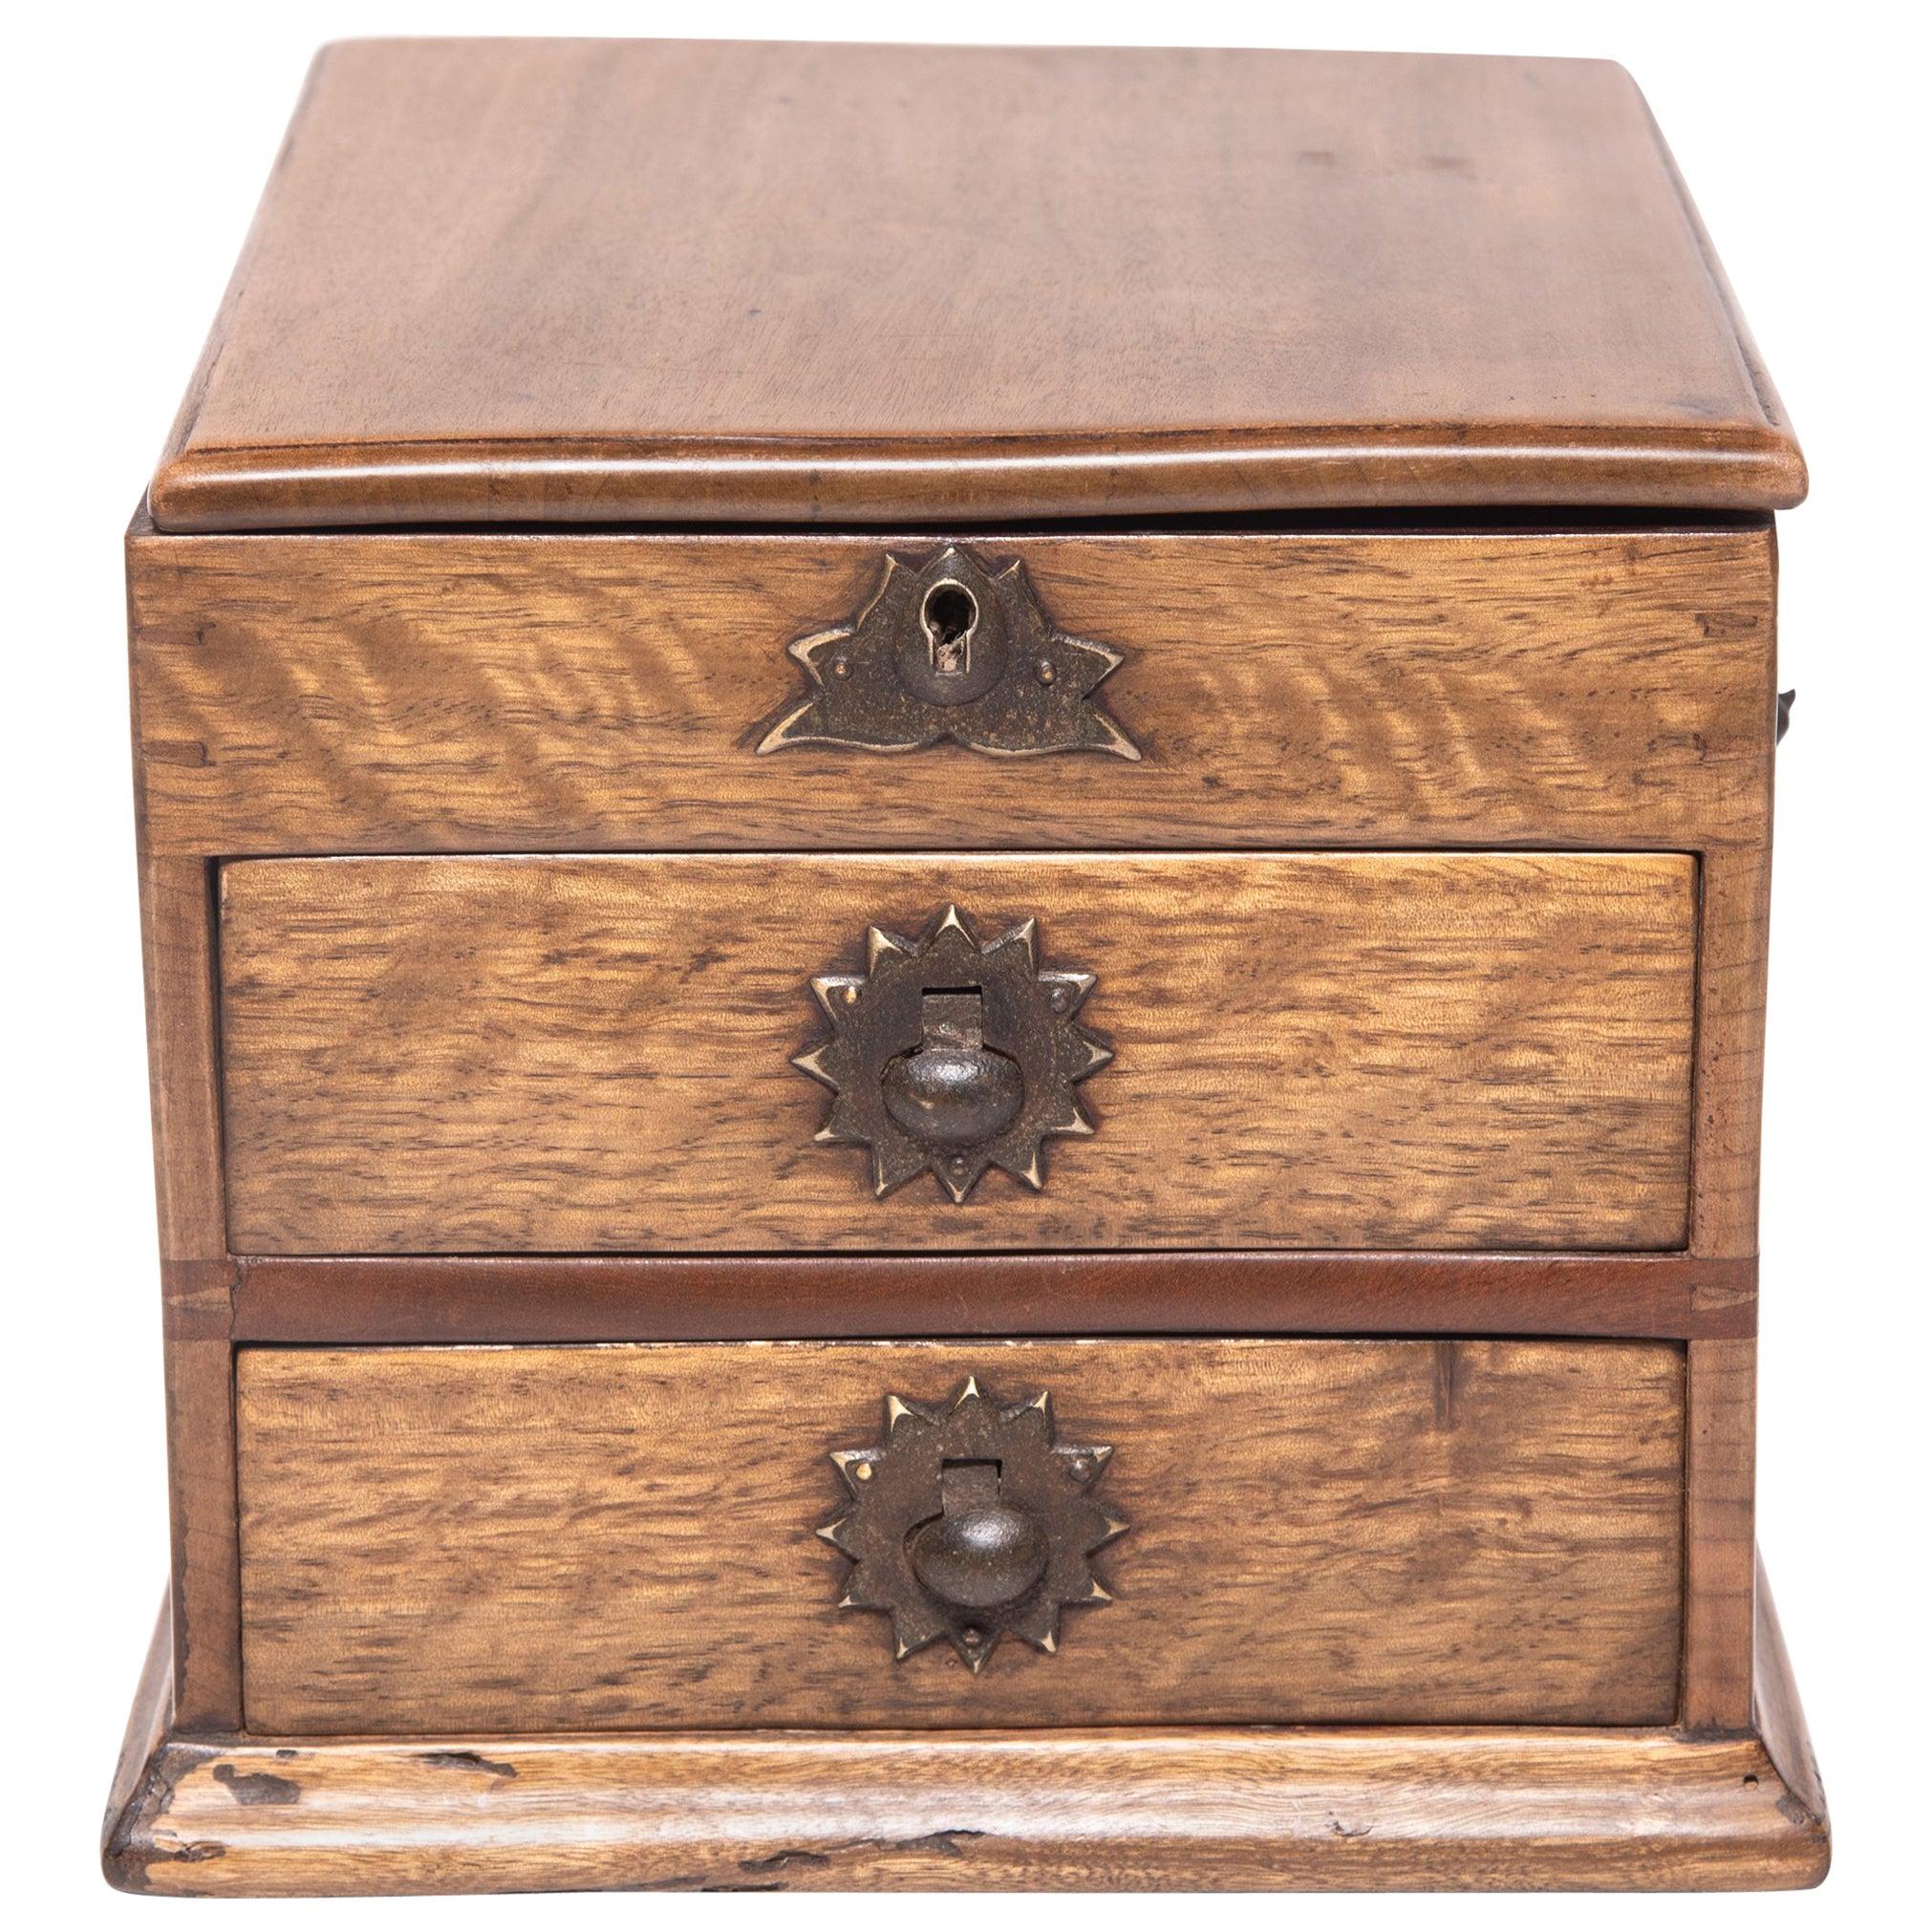 Chinese Lotus Keepsake Box, c. 1900